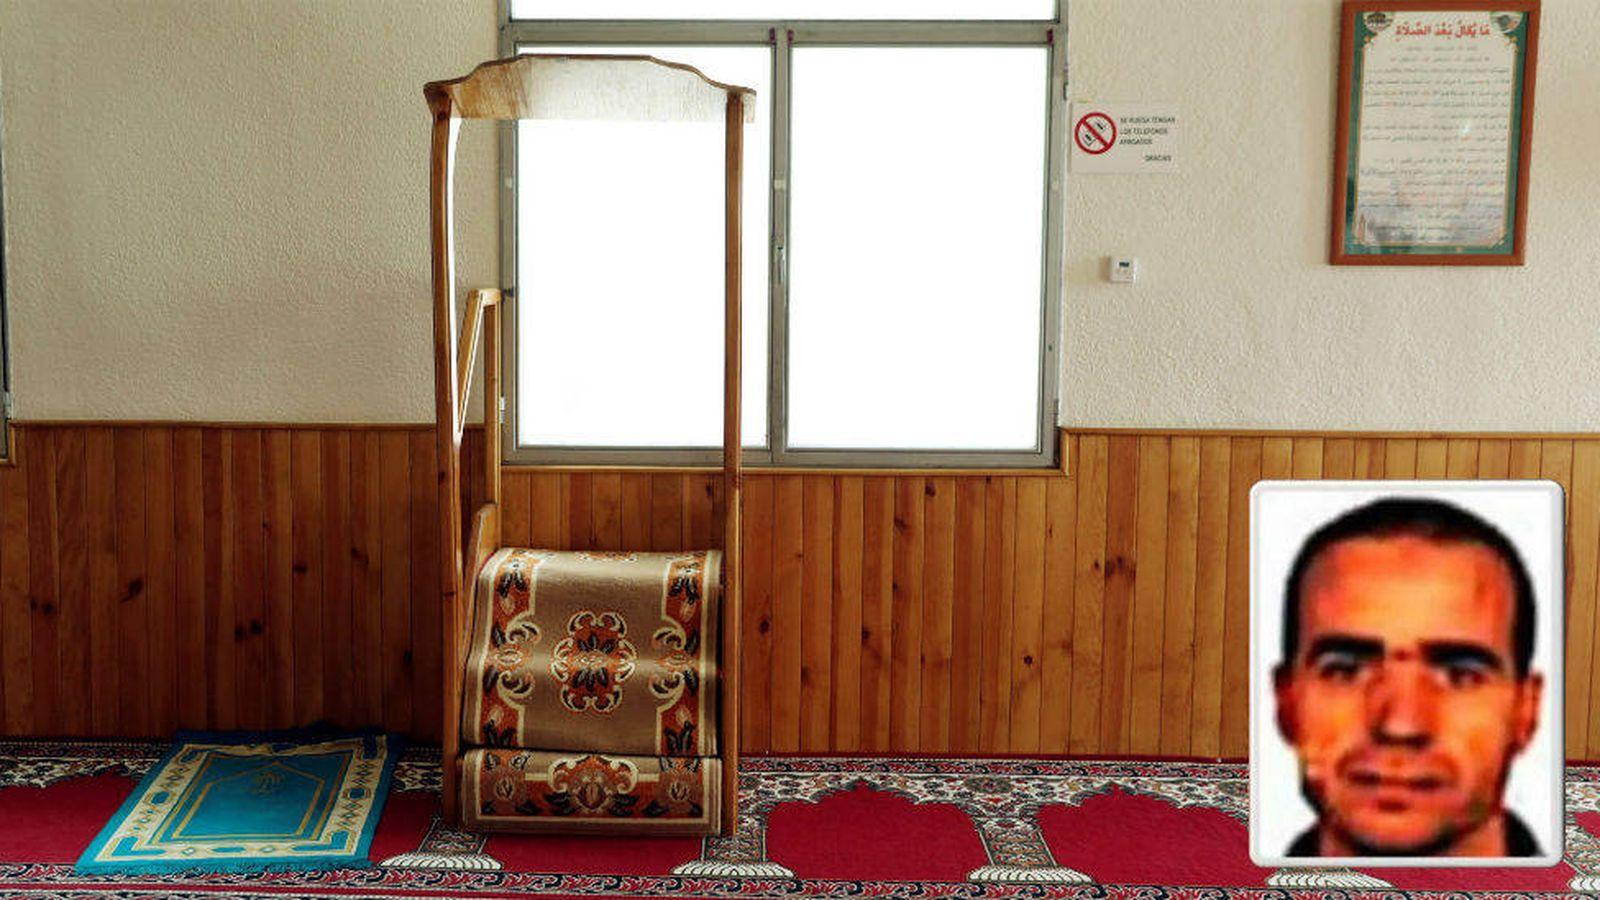 Foto: Púlpito de la mezquita de Ripoll desde donde rezaba el imán Abdelbaki Es Satty (esquina derecha).